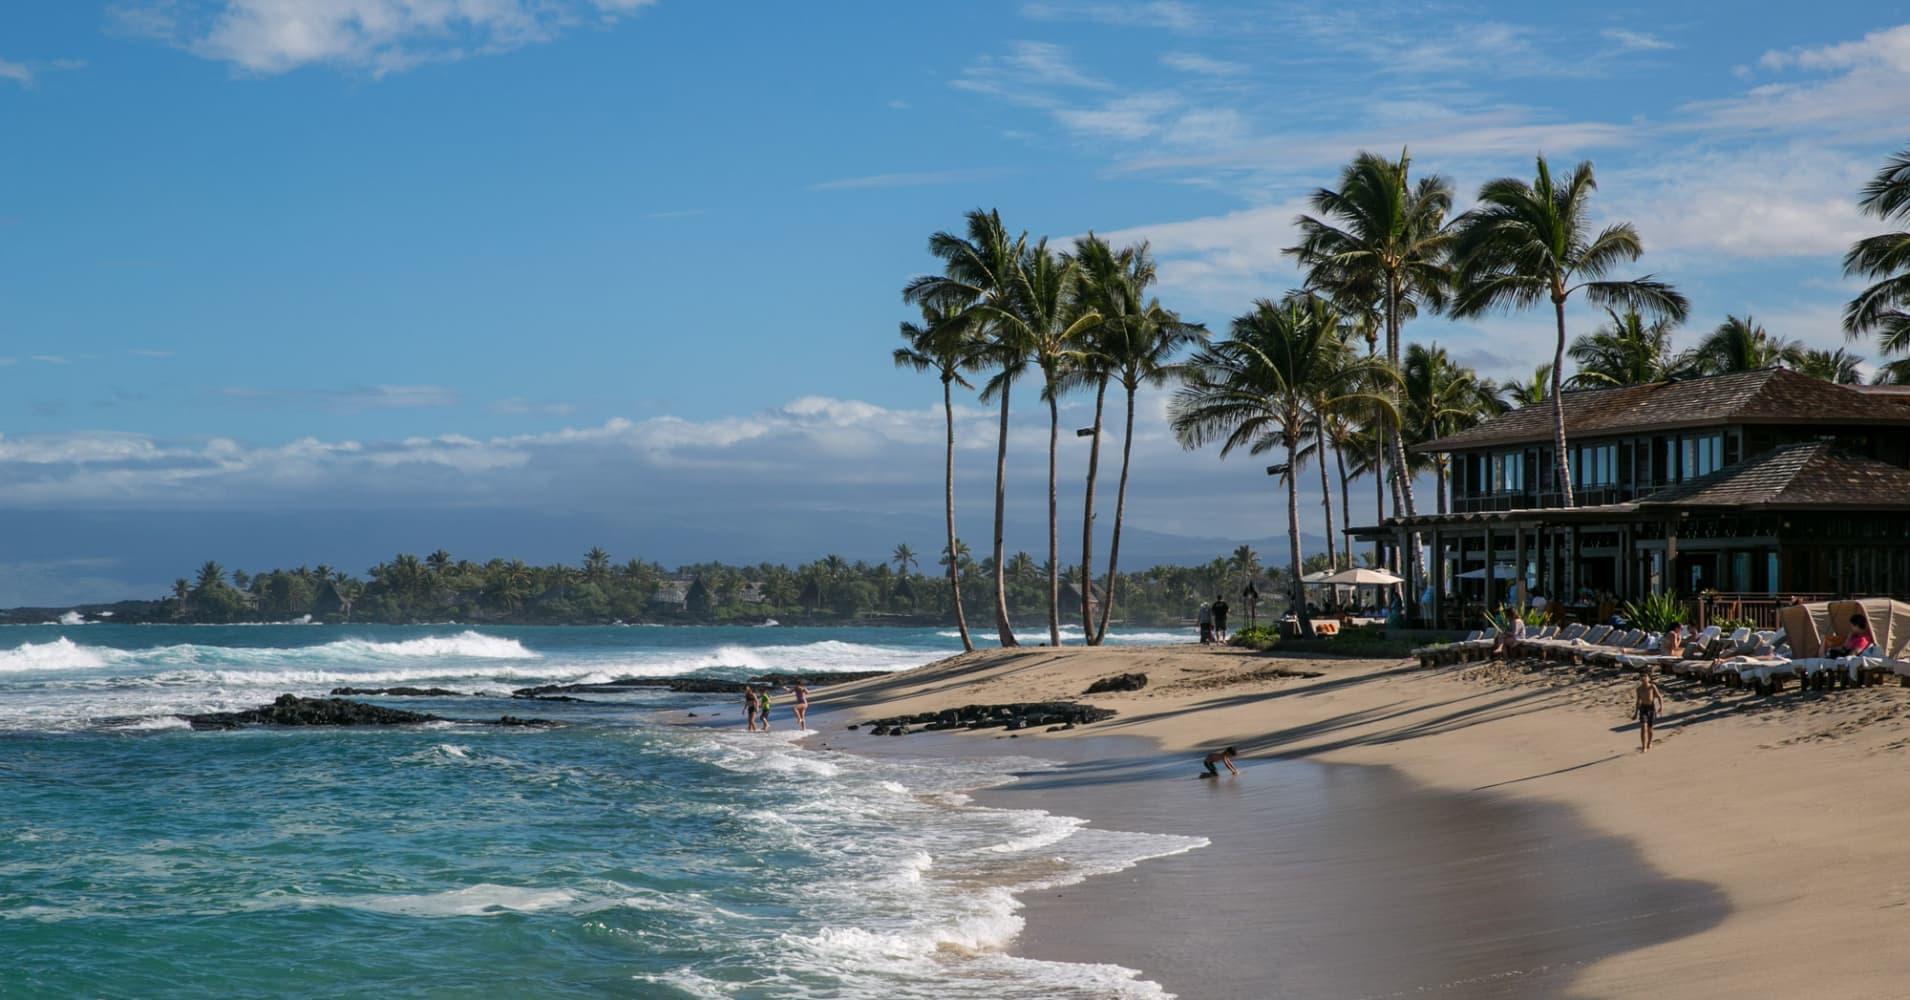 A beach along the Kona Kohala Coast, Hawaii.